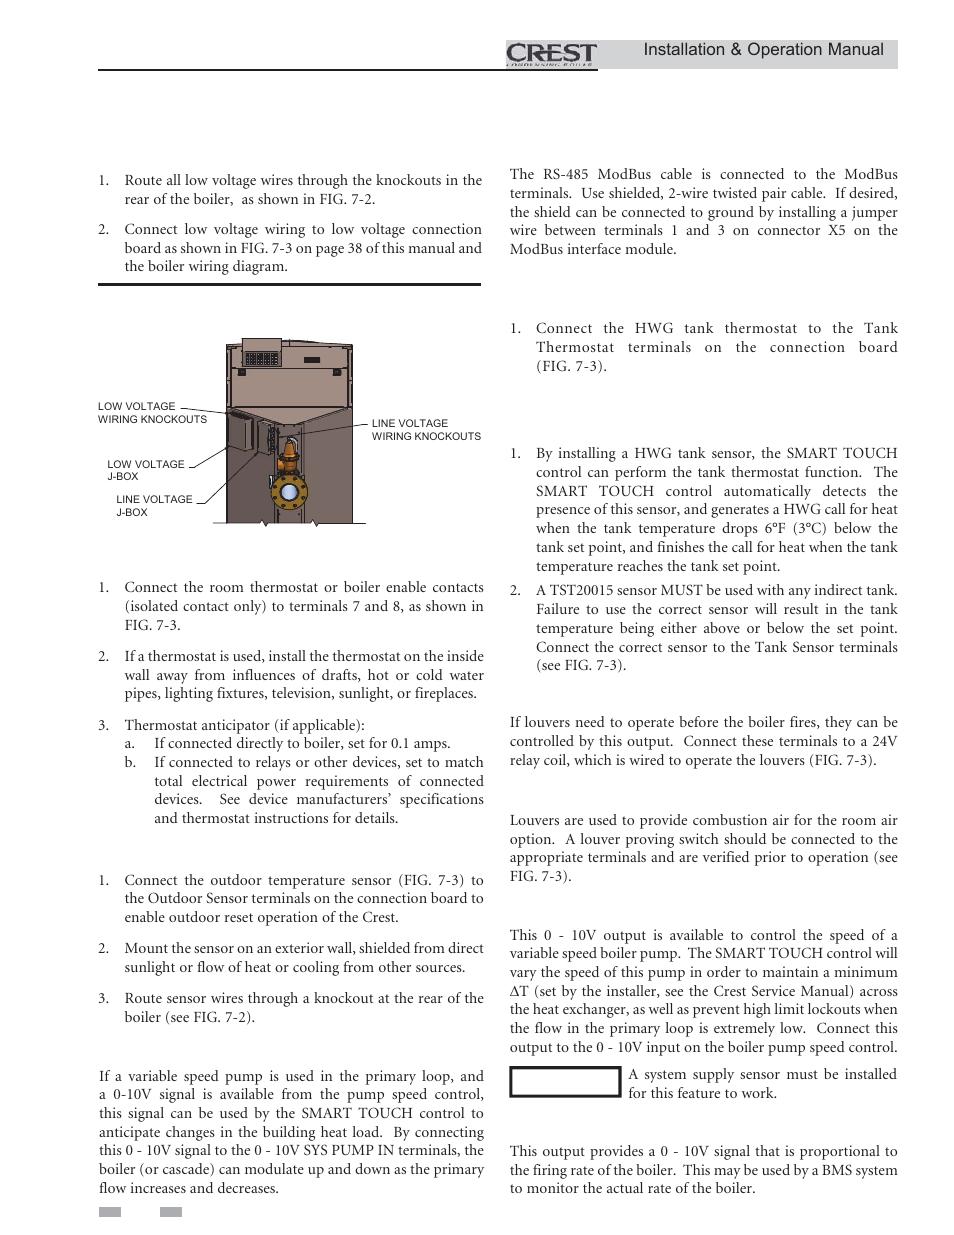 field wiring low voltage connections enable lochinvar crest 3 5 rh manualsdir com  lochinvar ftxl wiring diagram